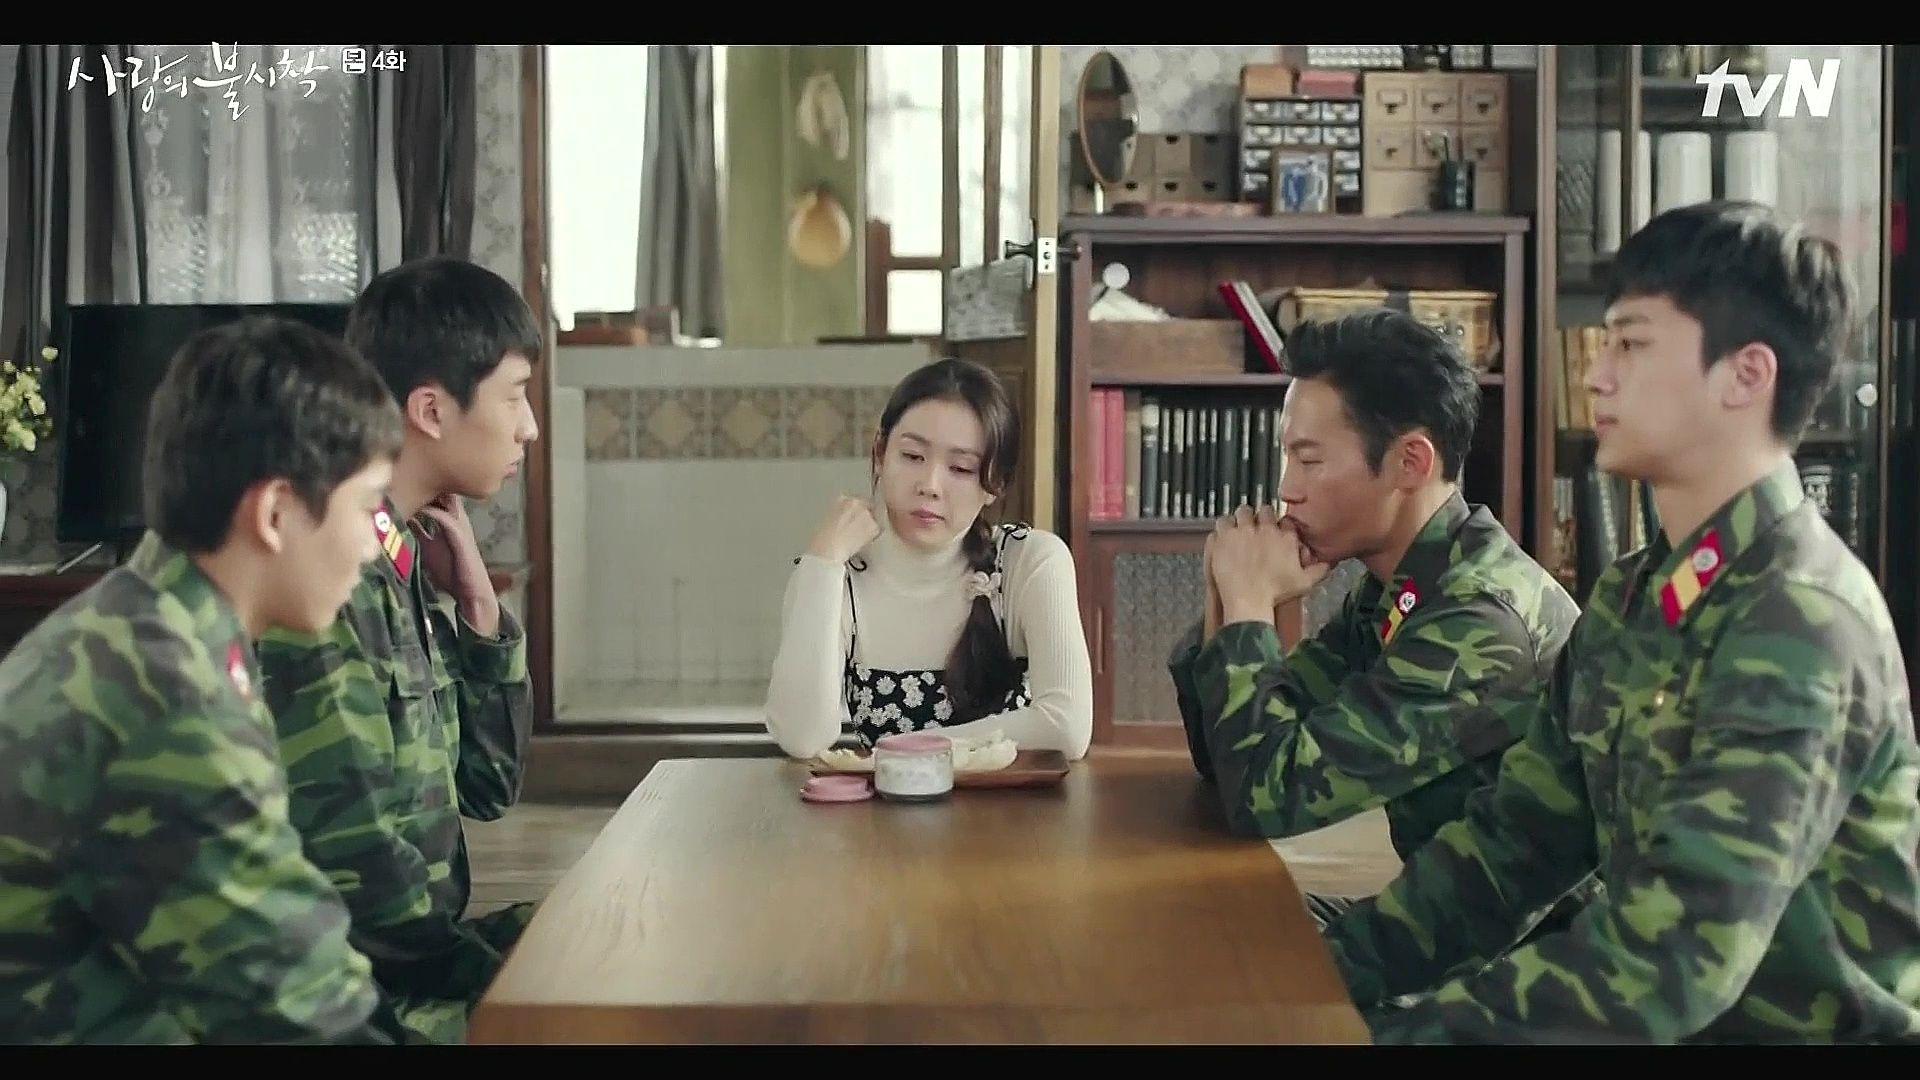 Crash Landing on You Captain Ri Jeong-hyeok, Yoon Se-ri, Eun-dong, Ju-meok, Pyo, Park, Company Five